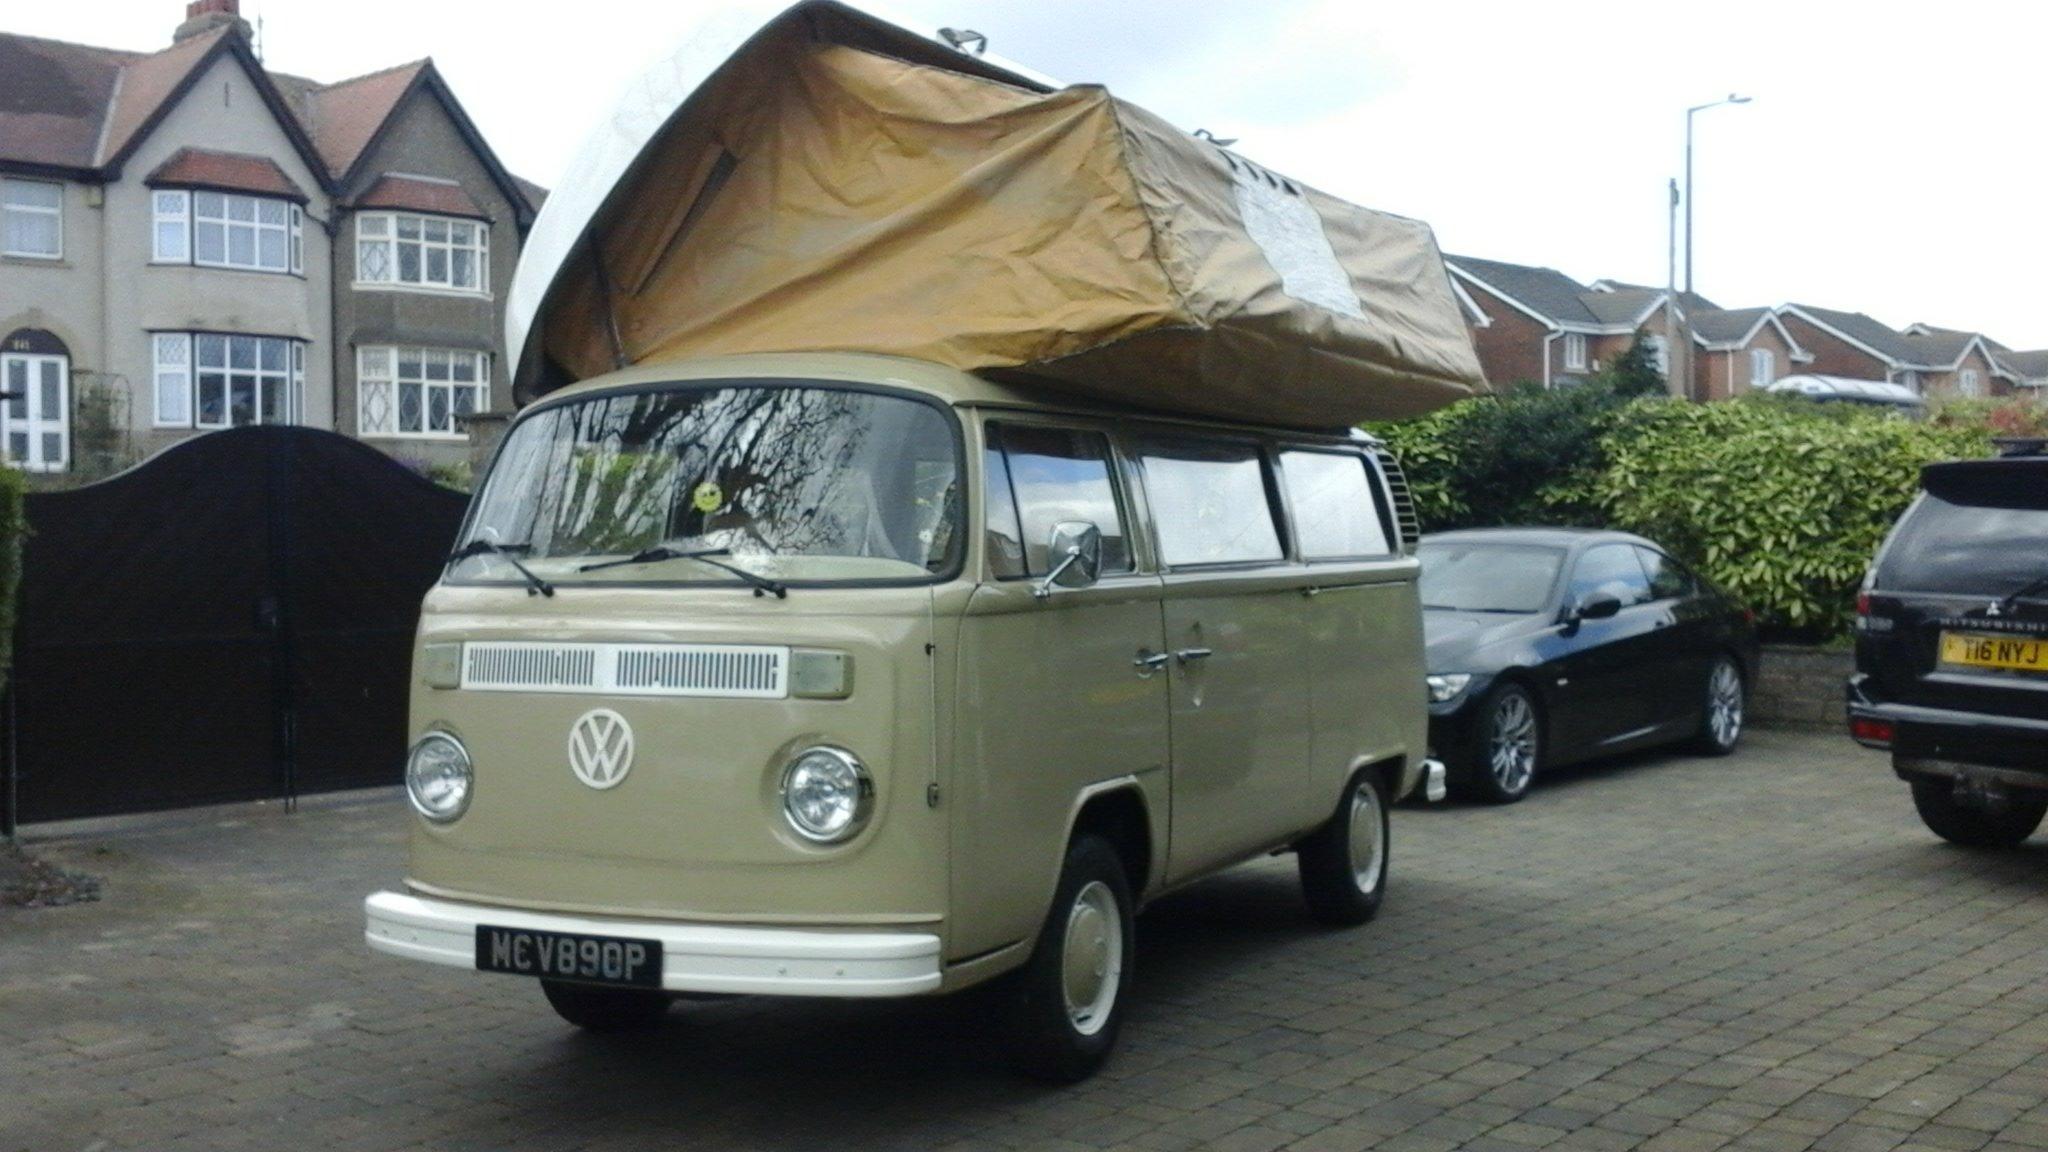 1976 VW VOLKSWAGEN T2 TYPE2 BAYWINDOW CAMPER VAN For Sale (picture 1 of 6)